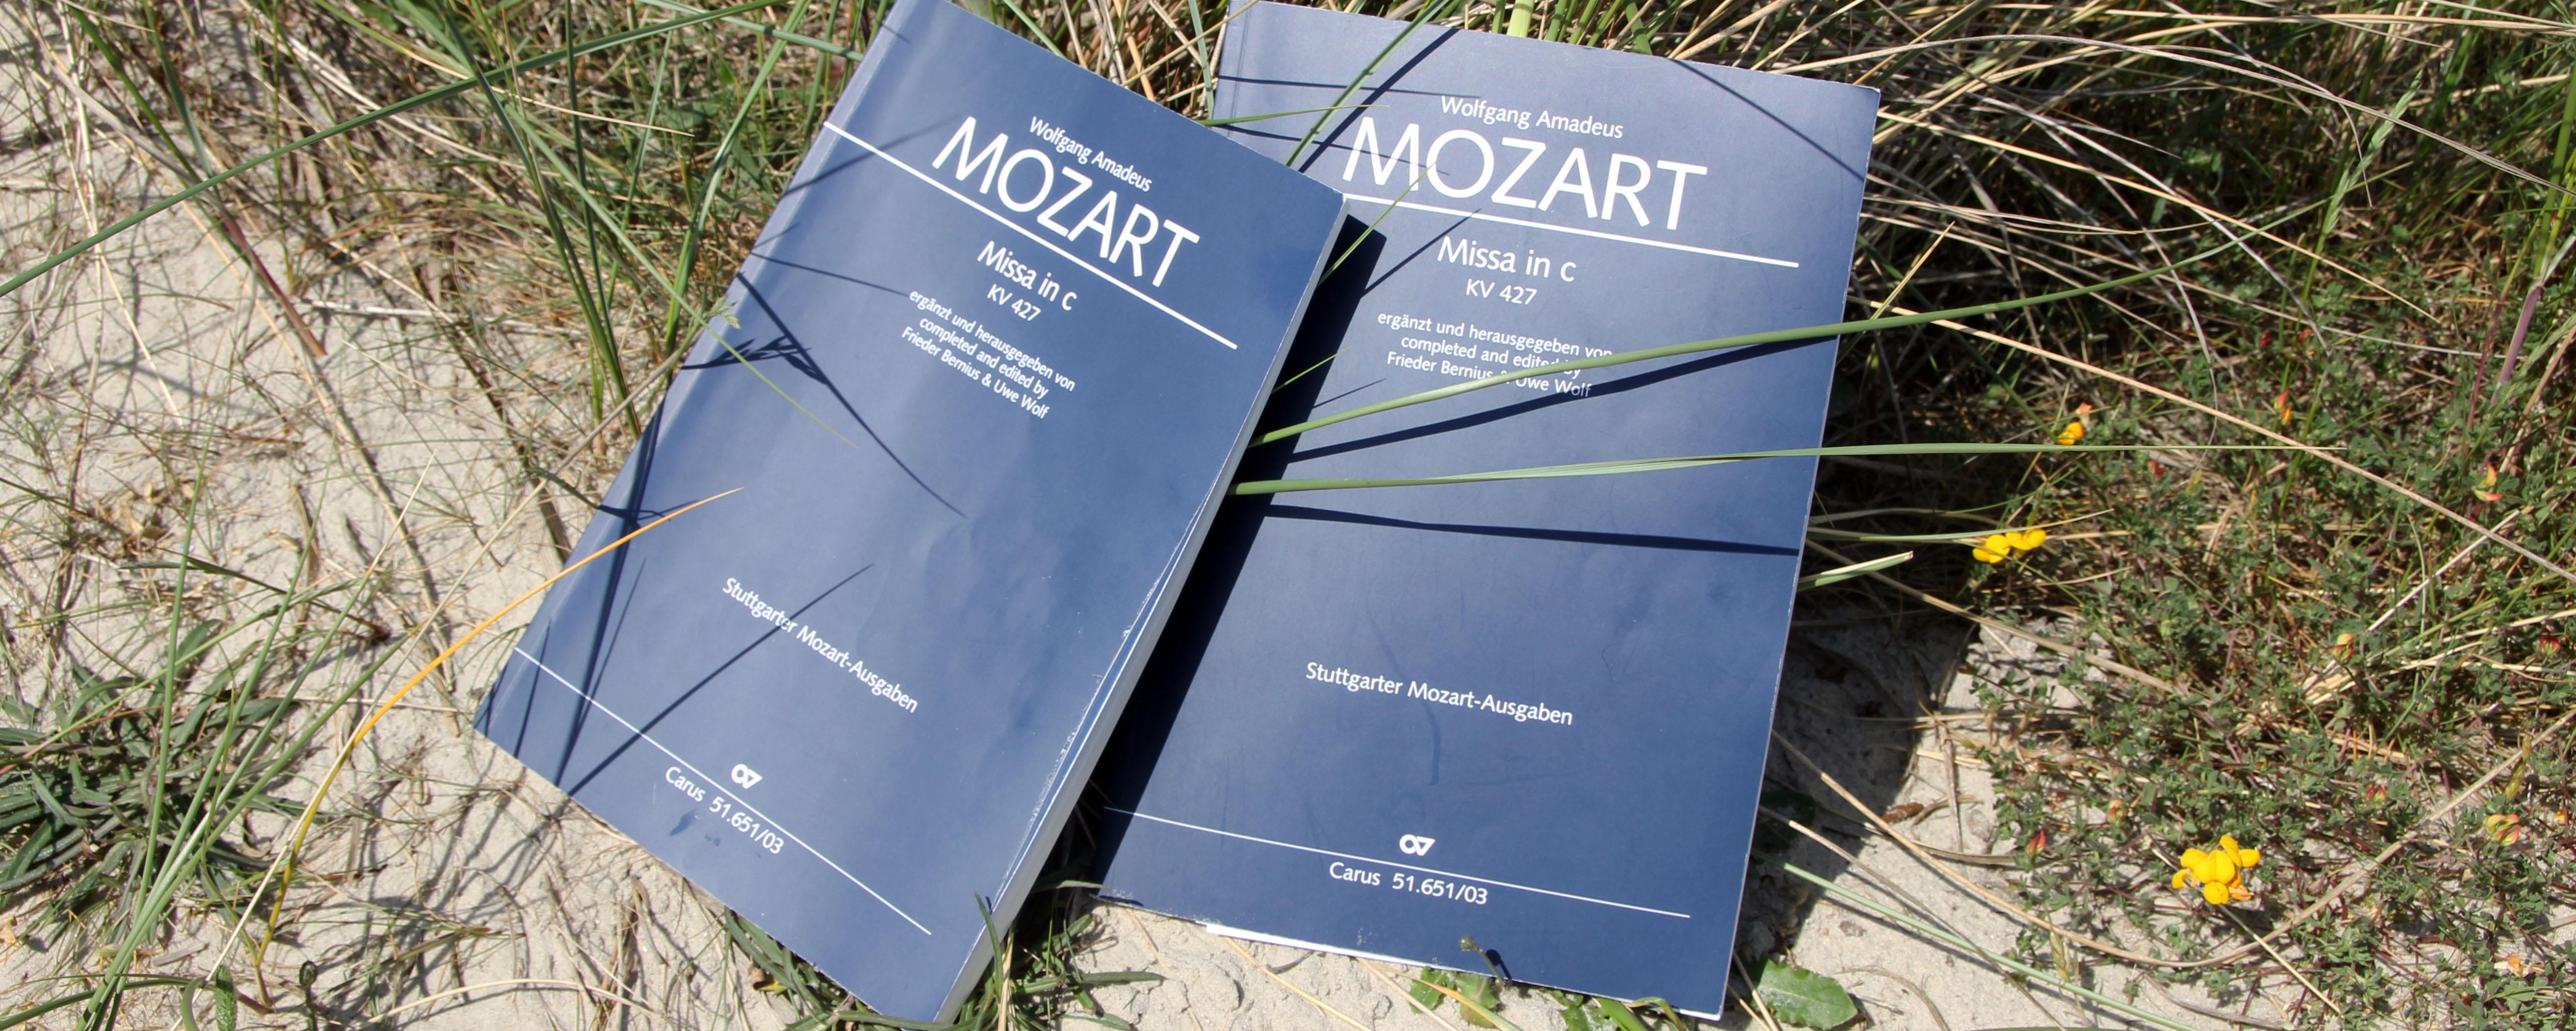 Ruhe + Wasser + Wind + Weite = Mozart